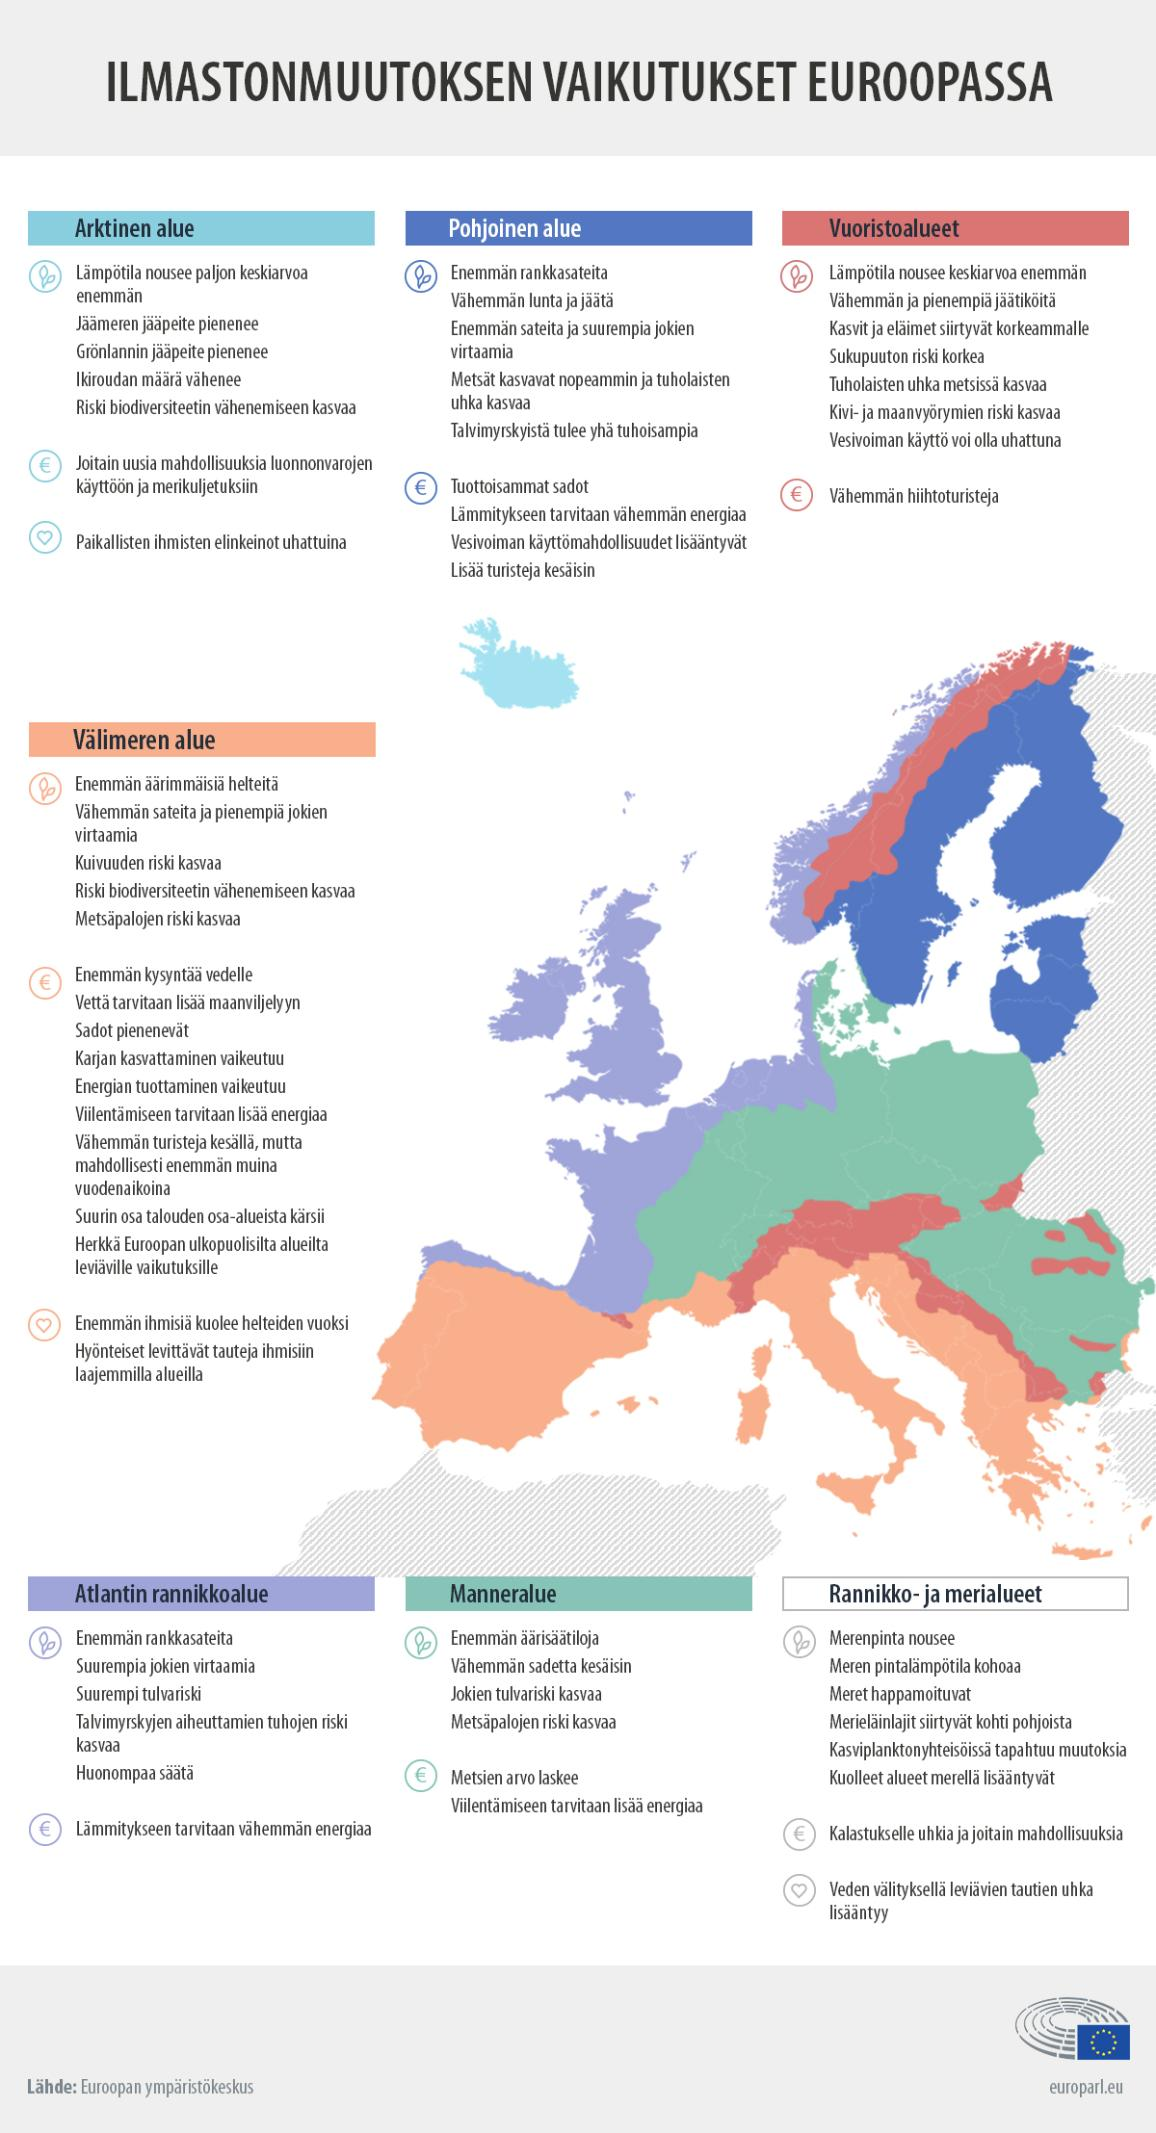 Ilmastonmuutoksen vaikutukset eri alueisiin Euroopassa